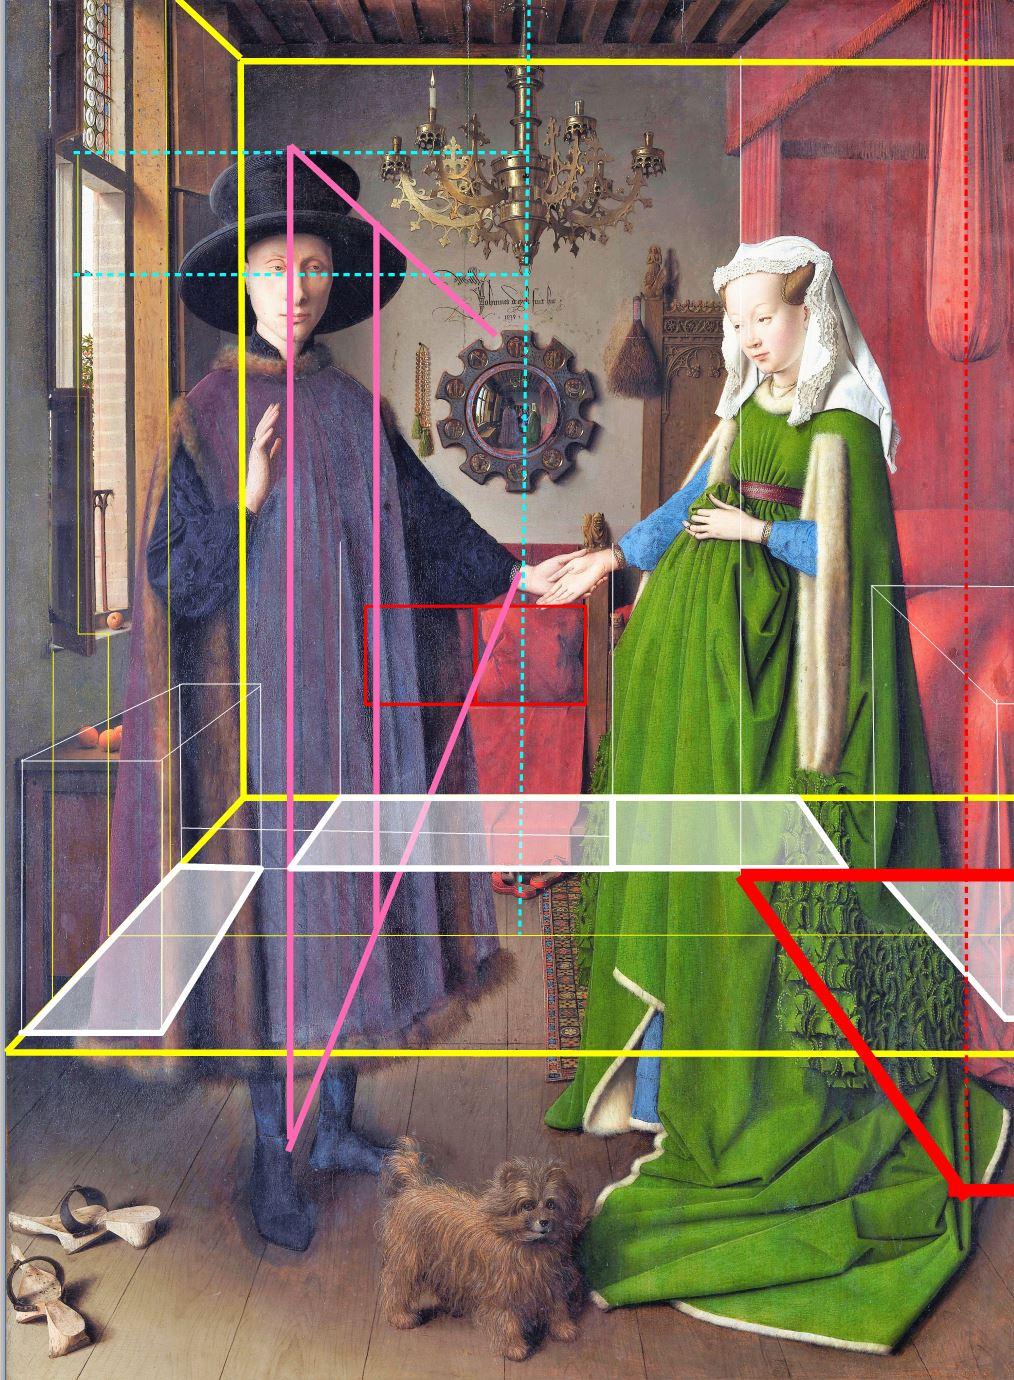 Van_Eyck 1434 _Arnolfini_Portrait schema encombrement